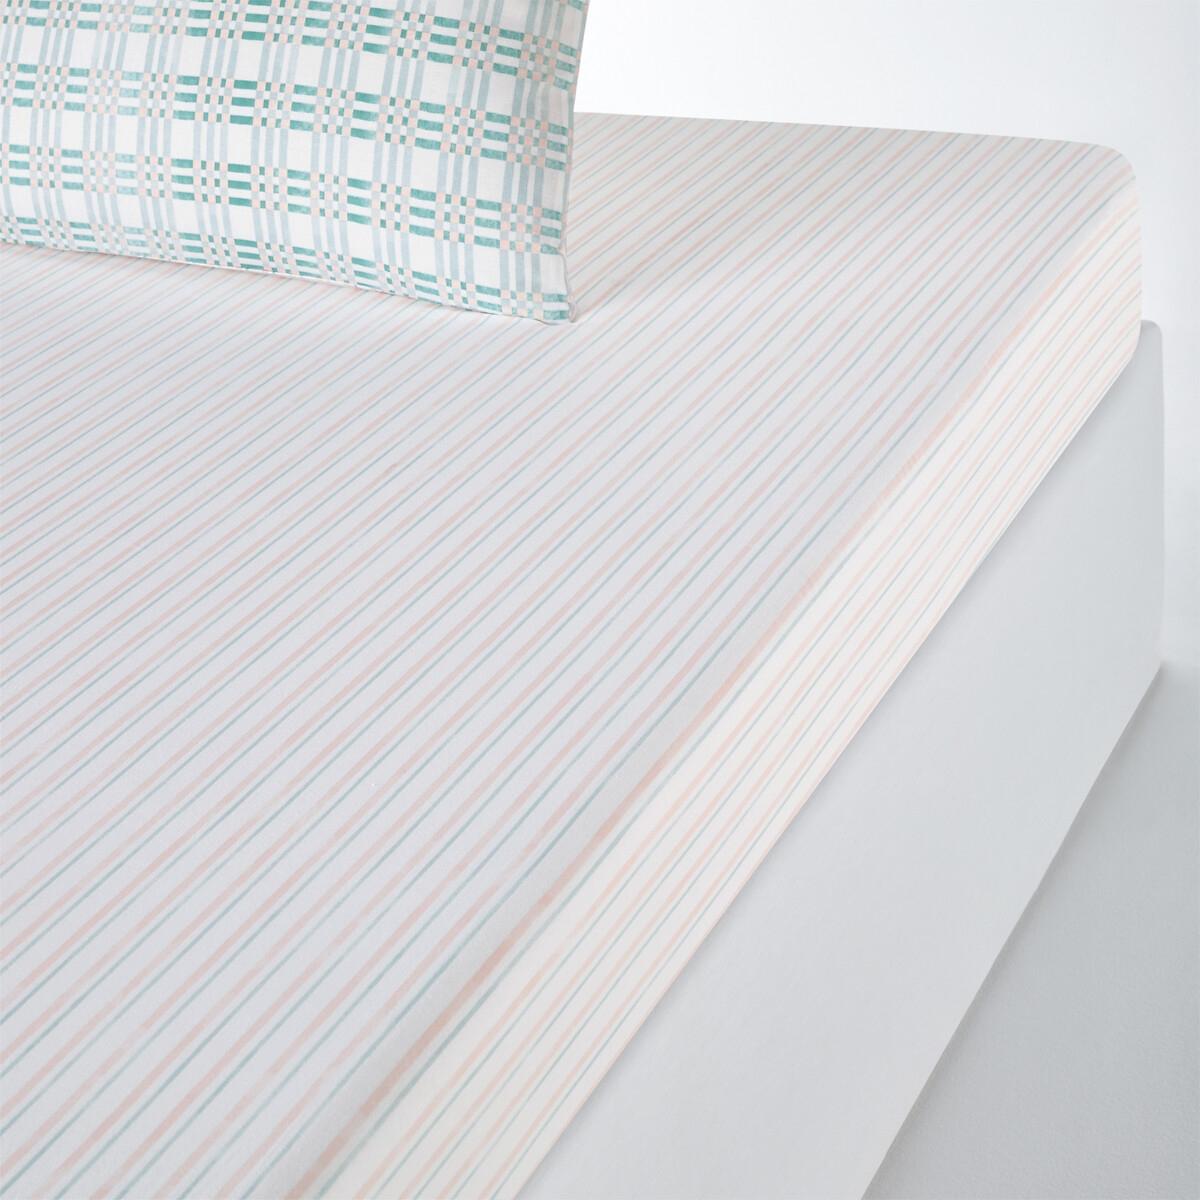 Lençol-capa em puro algodão, Greenery